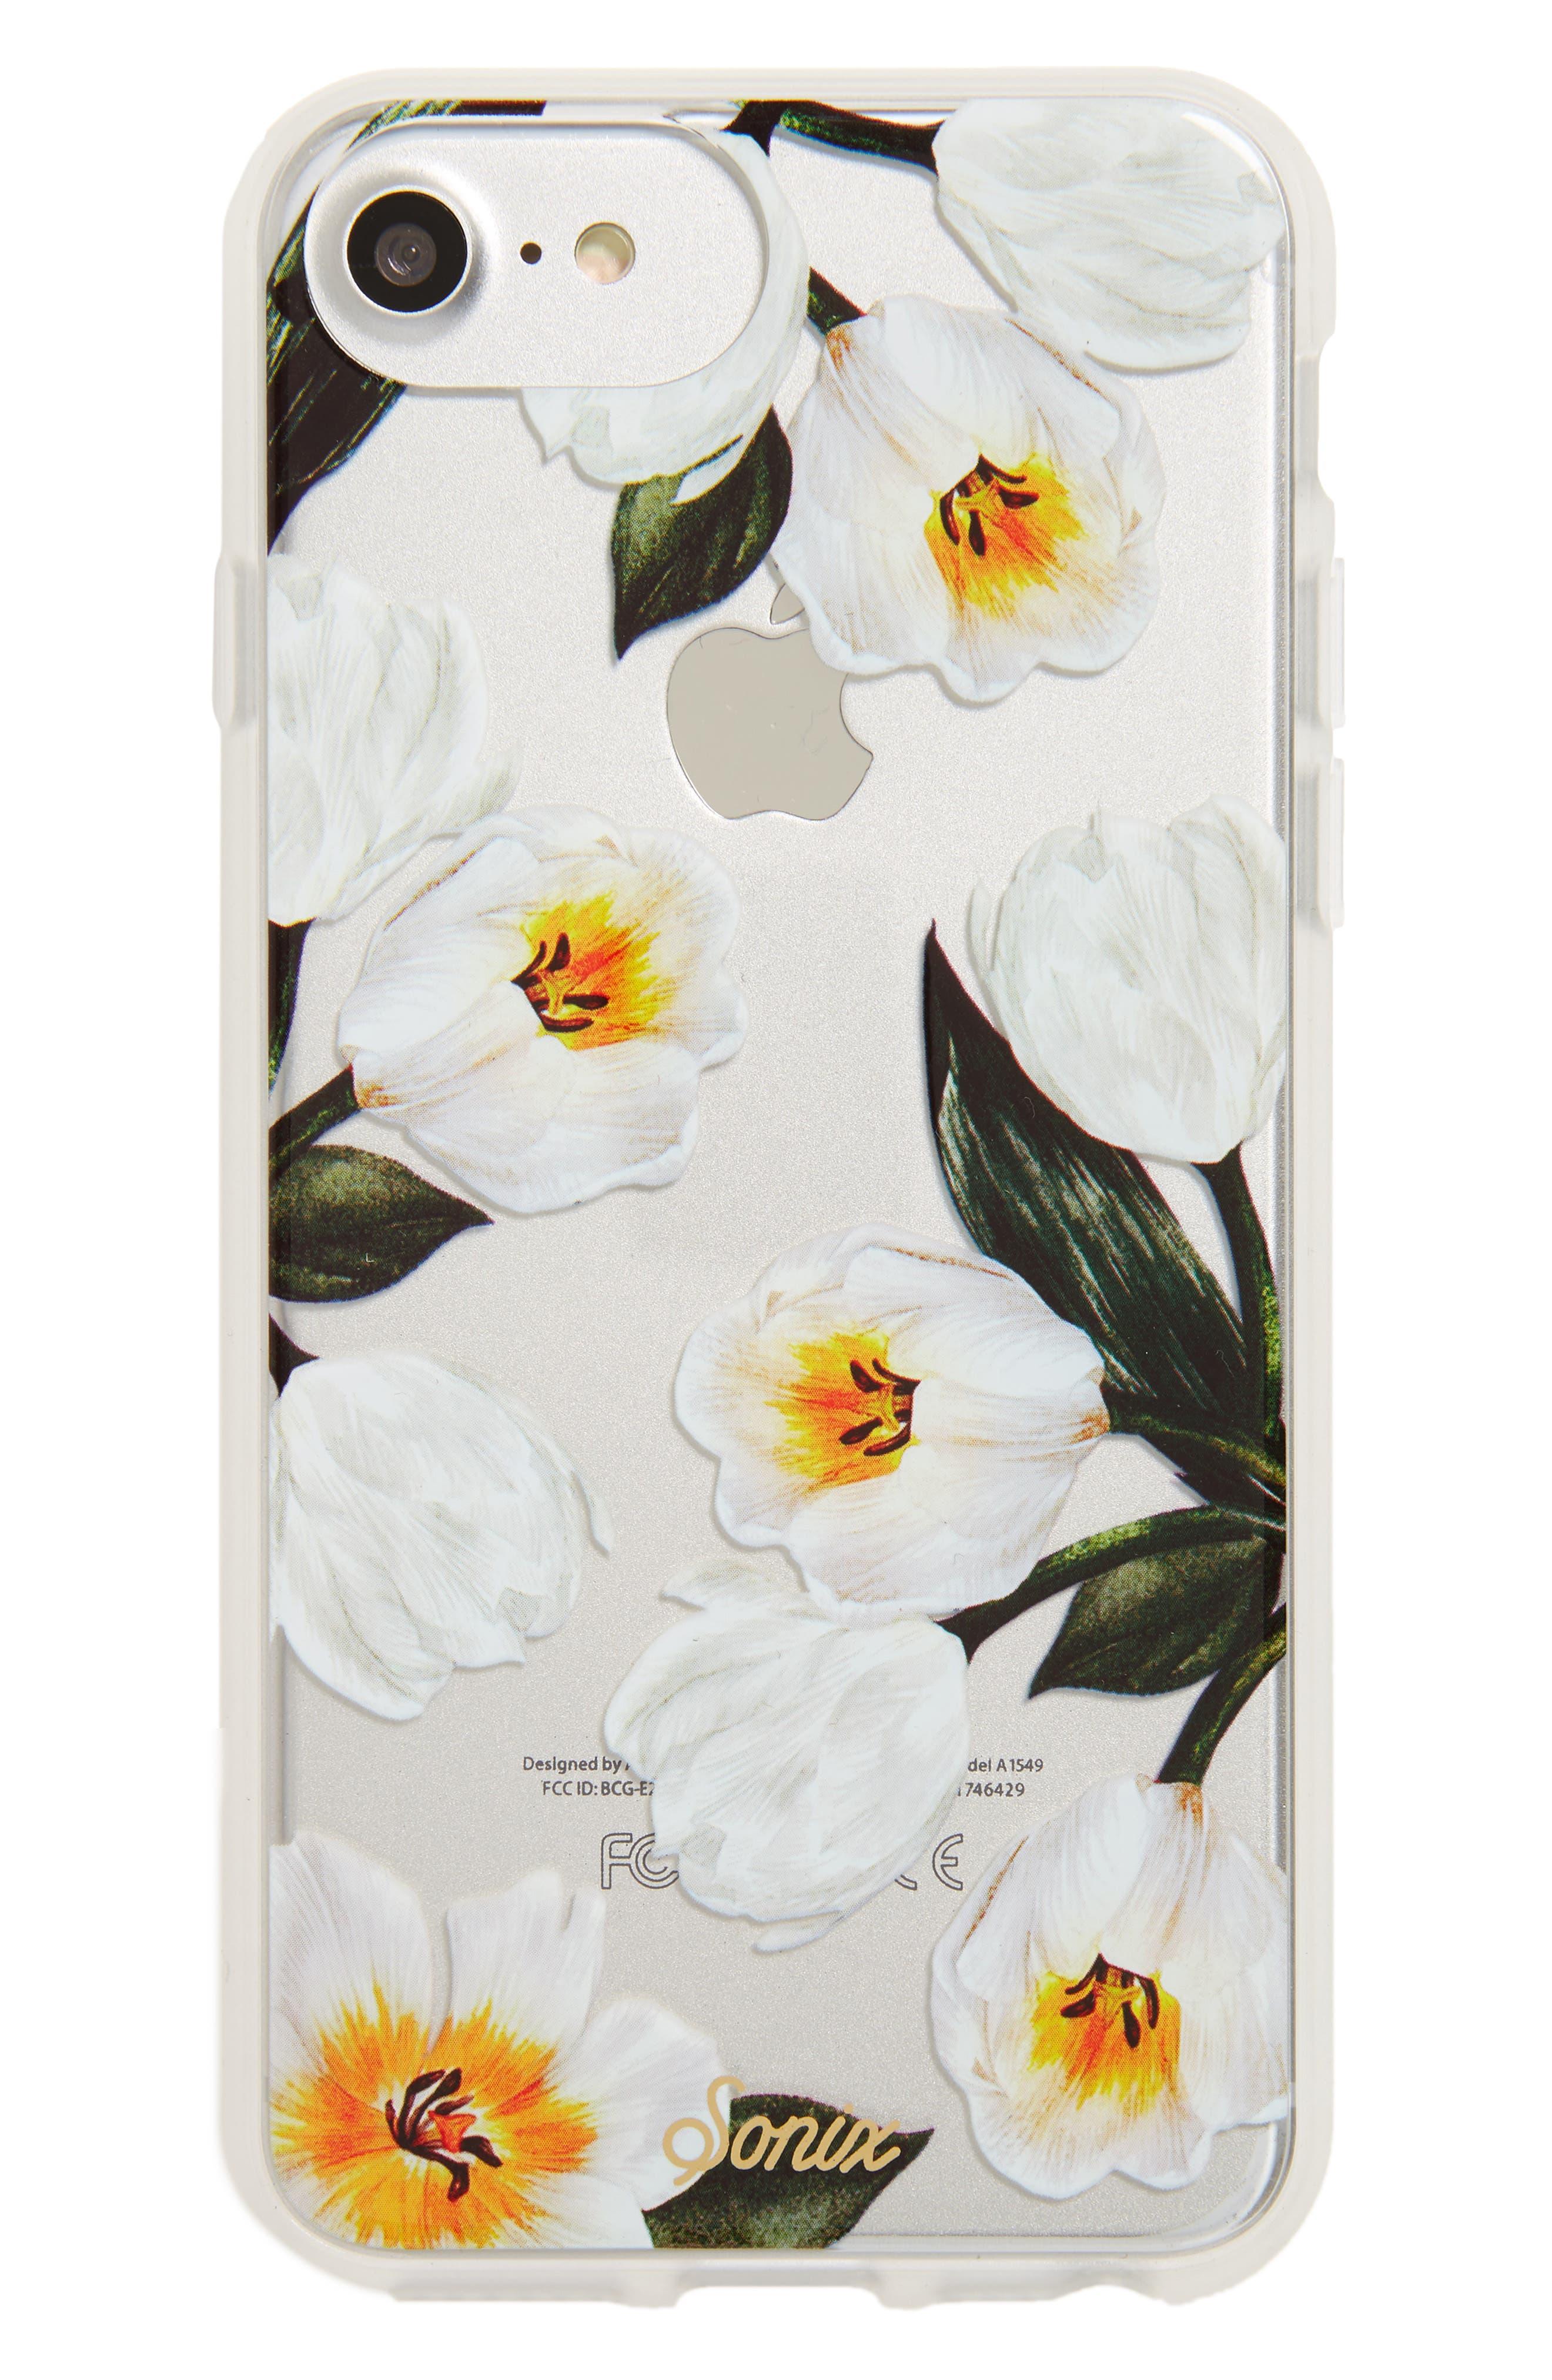 Sonix Tulip iPhone 6/7 & 6/7 Plus Case